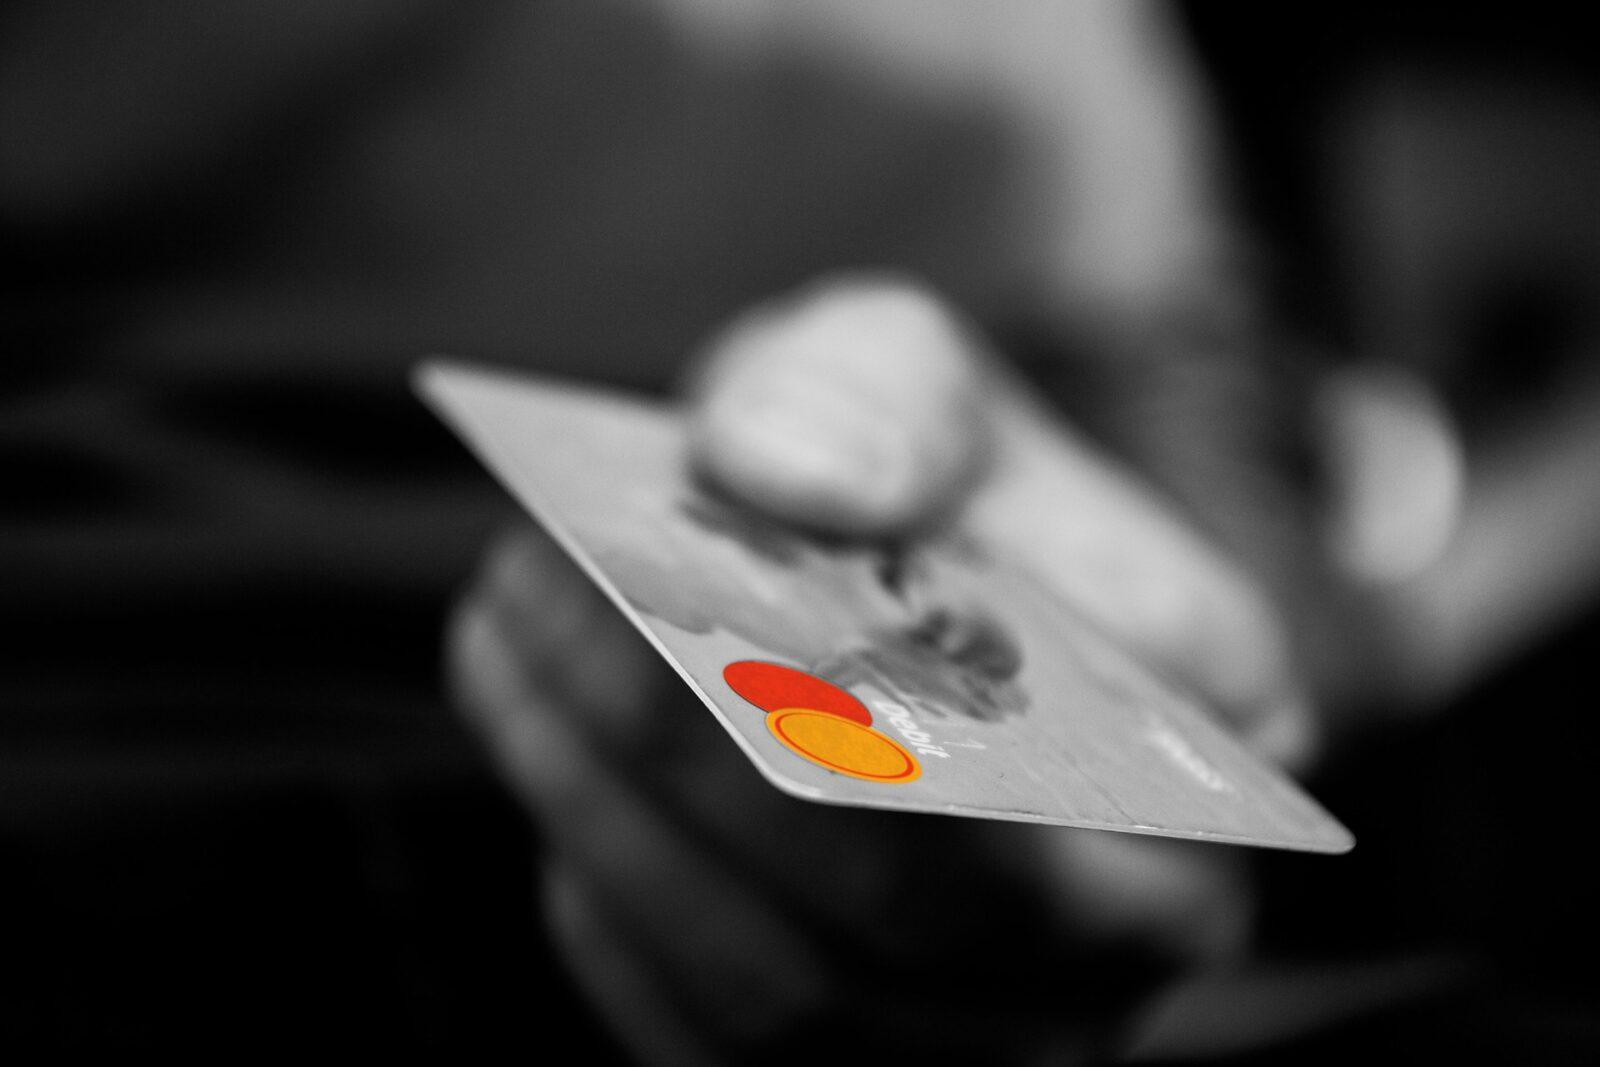 Die besten Kreditkarten zum Meilen sammeln im August